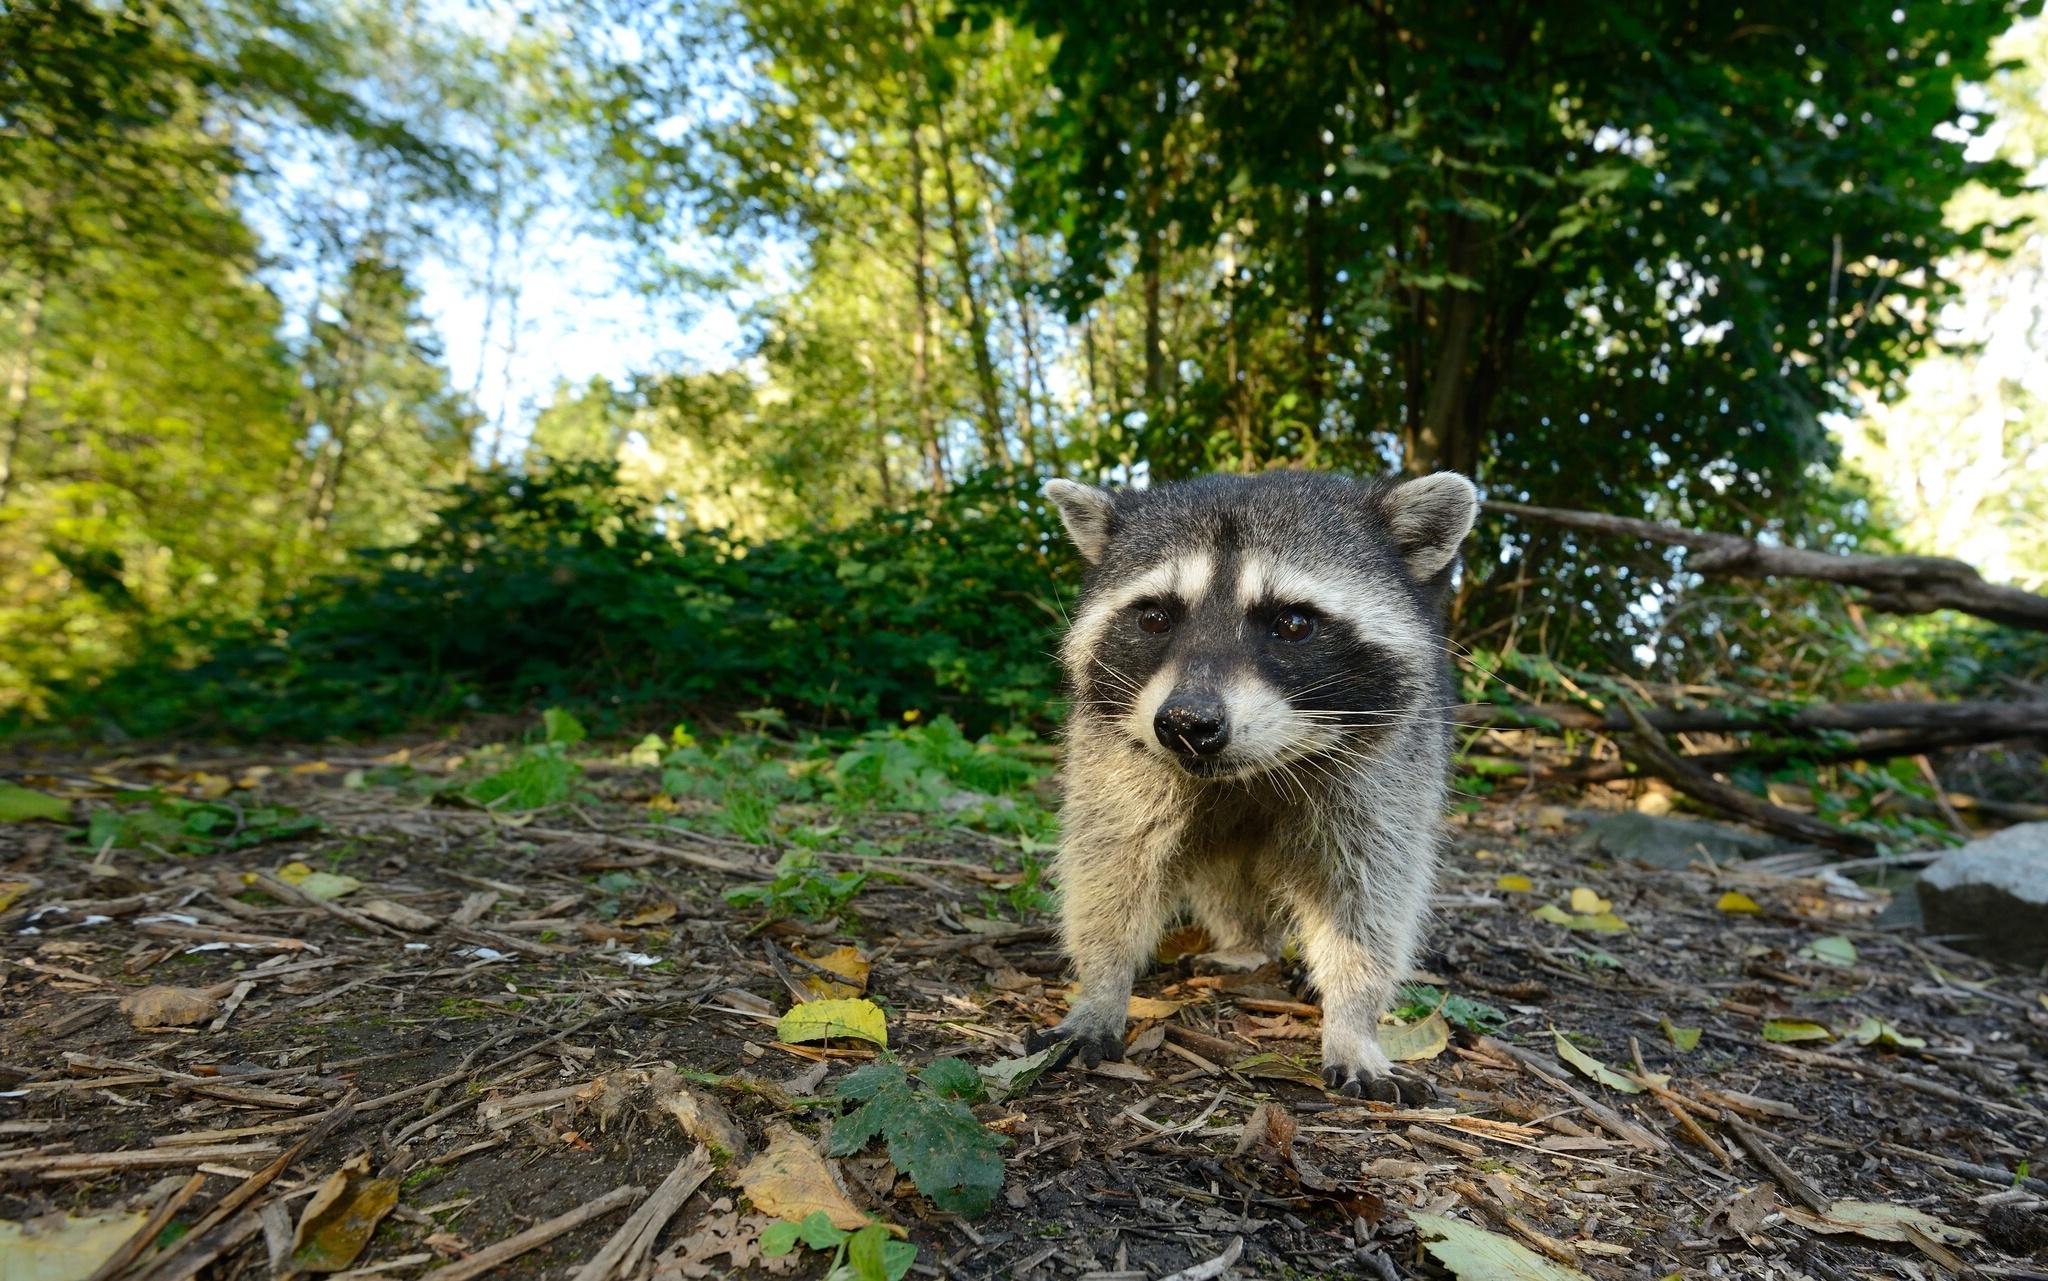 Baby Raccoon Wallpaper Raccoon Baby Forest Wallpaper 2048x1281